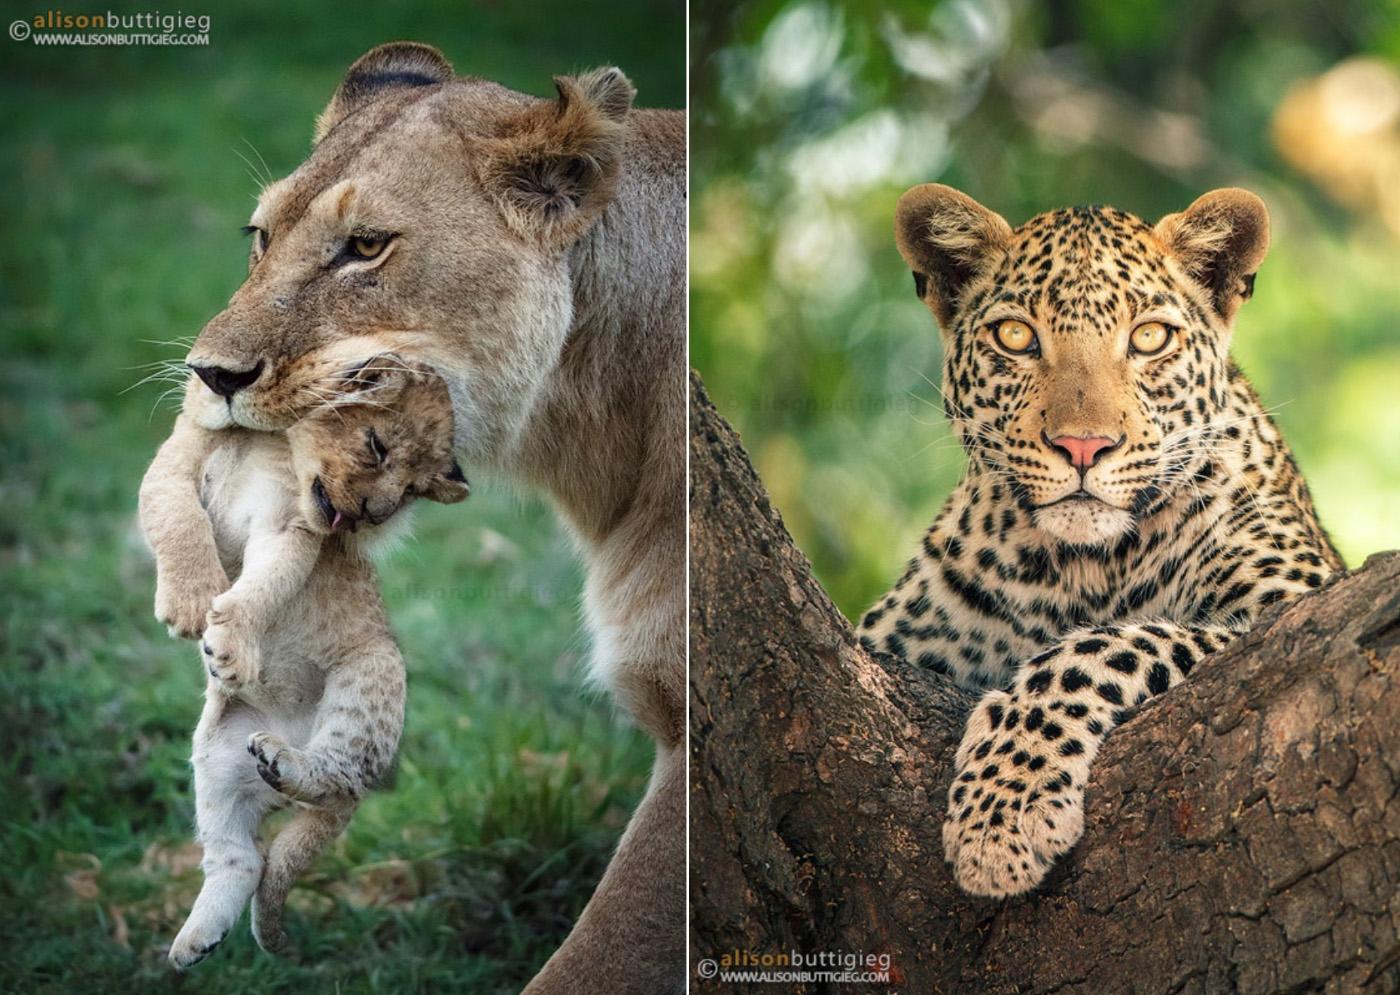 Потрясающие портреты диких кошек от Элисон Баттигиг